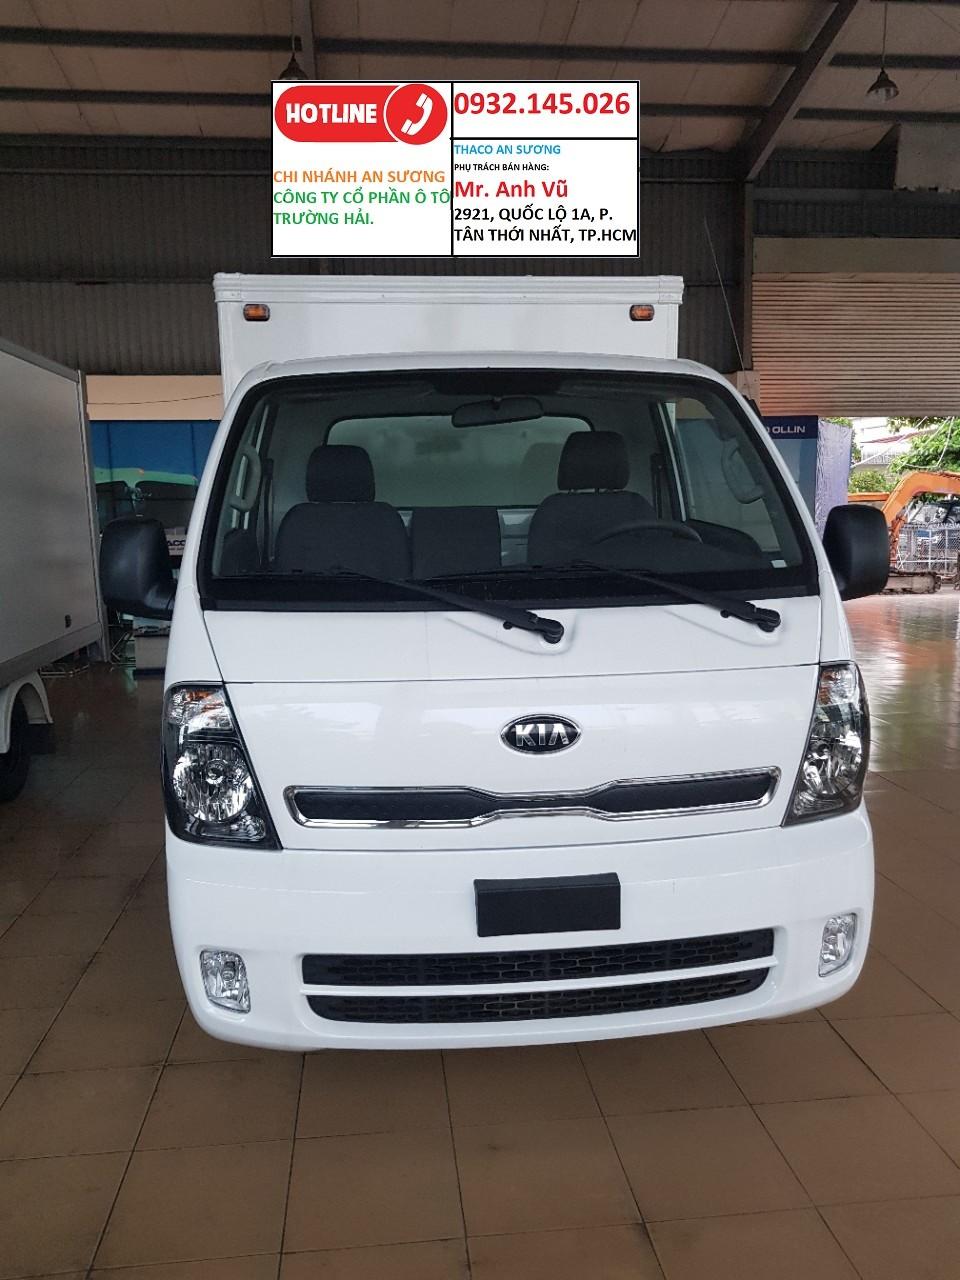 Xe tải kia k200 có sẵn bán trả góp chỉ cần 120 tr có xe ngay. xe tải kia k200 tải 1 tân 9 Ảnh số 41936792